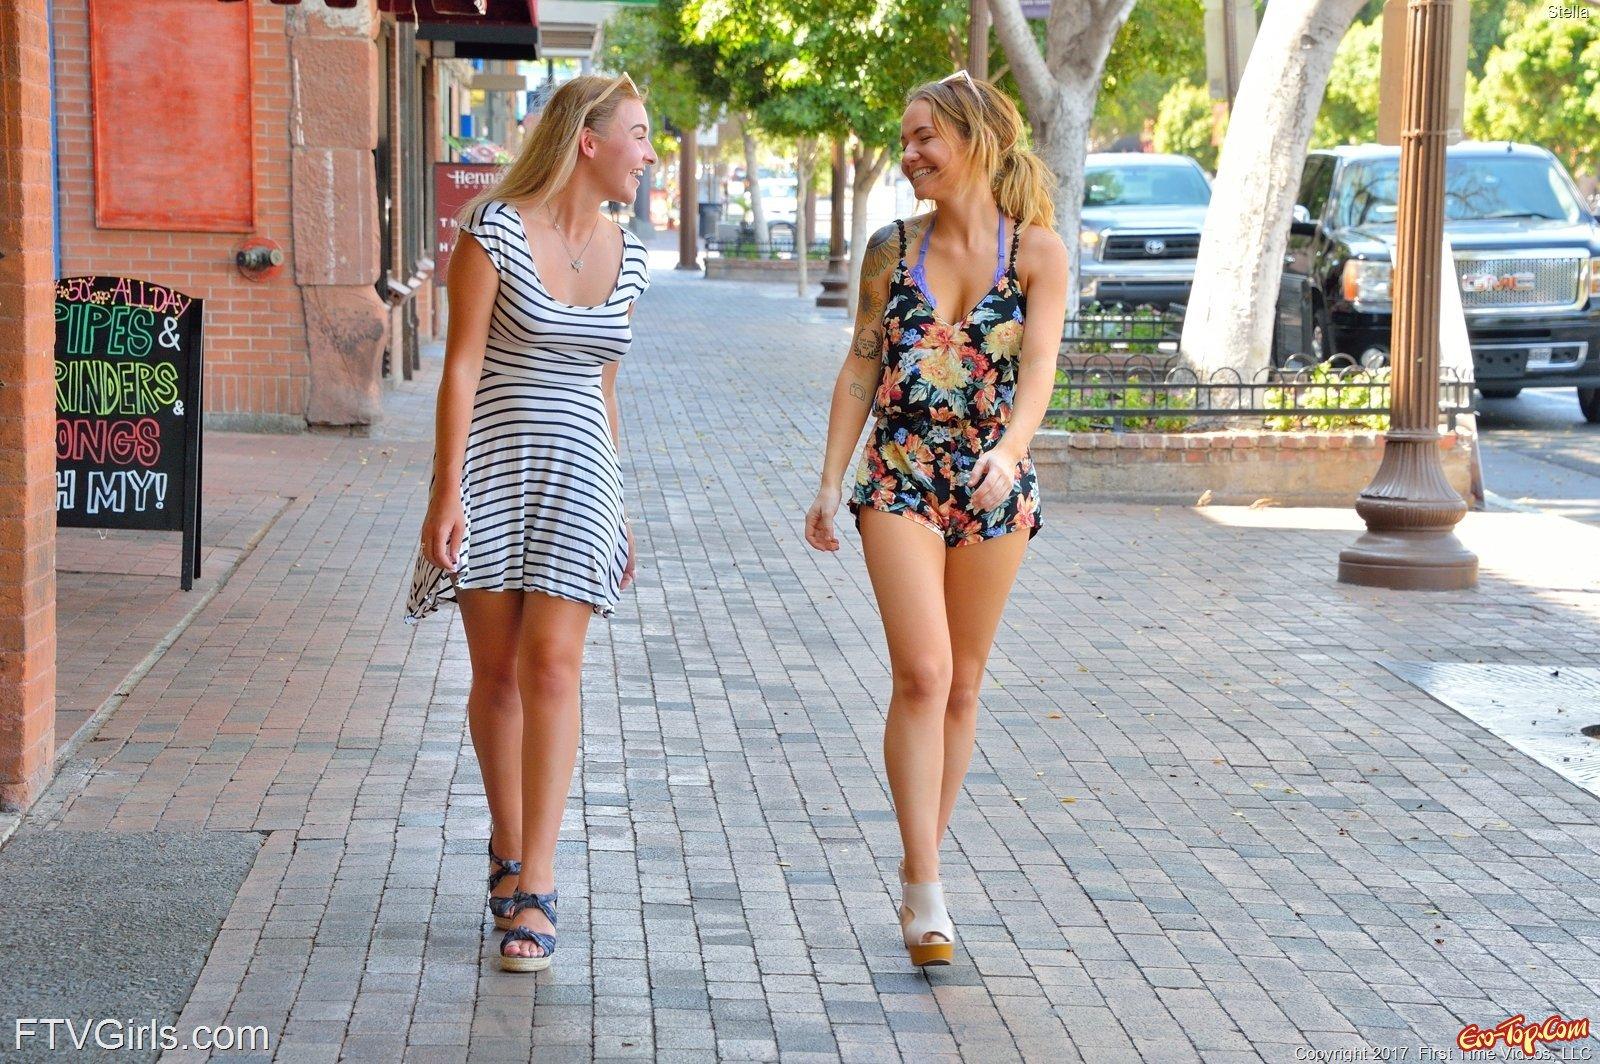 Тёлка демонстрирует раздетую грудь и пизду в общественных местах